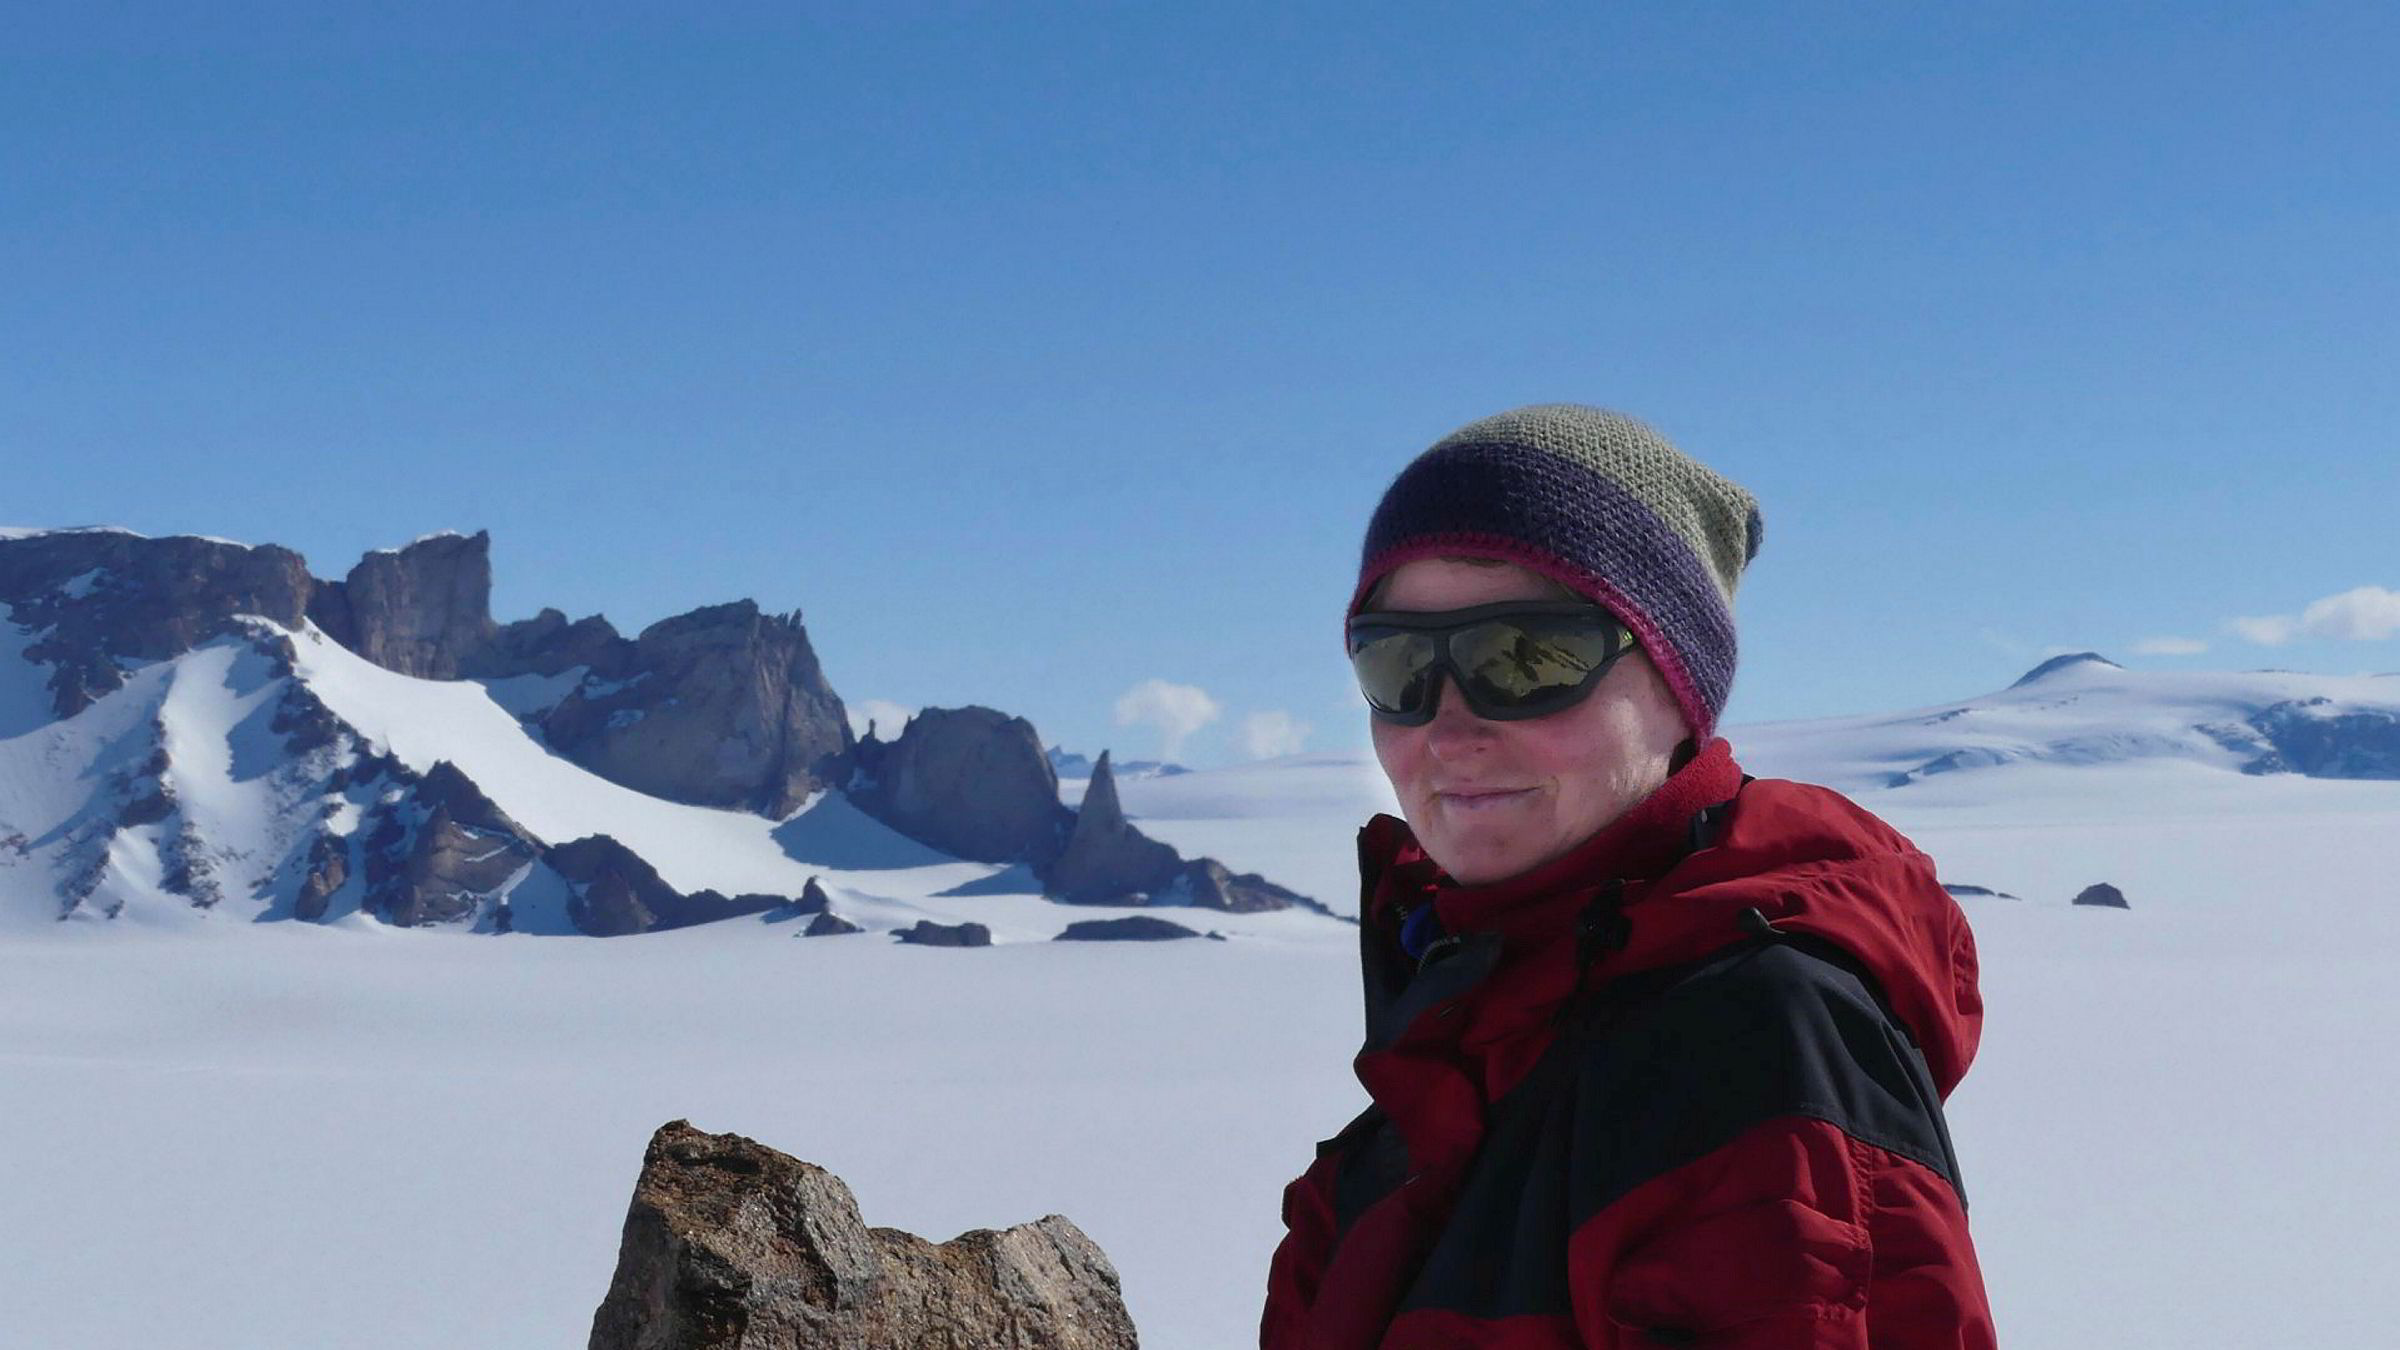 Med kurs mot toppen: 20 år etter, med fire barn hjemme, er debattskriveren tilbake på feltarbeid. Her i Antarktis.